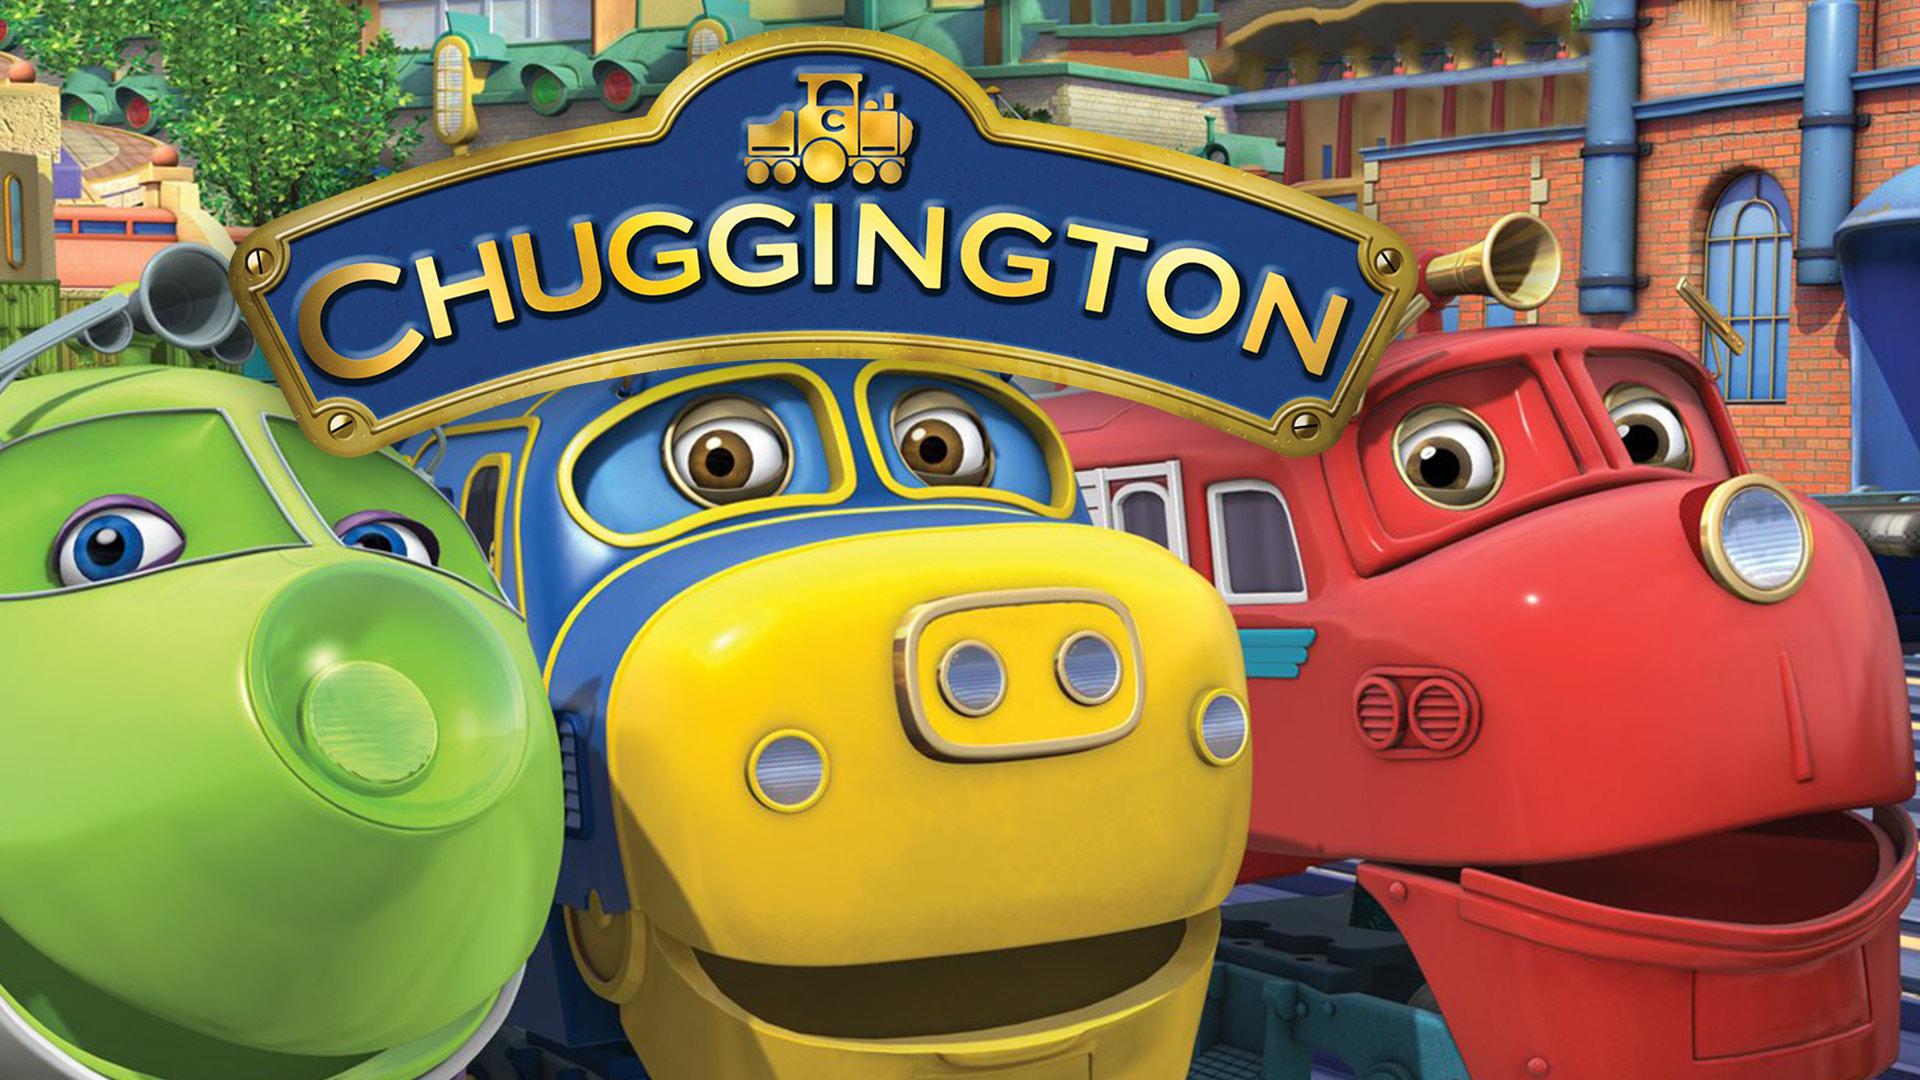 Chuggington Season 3